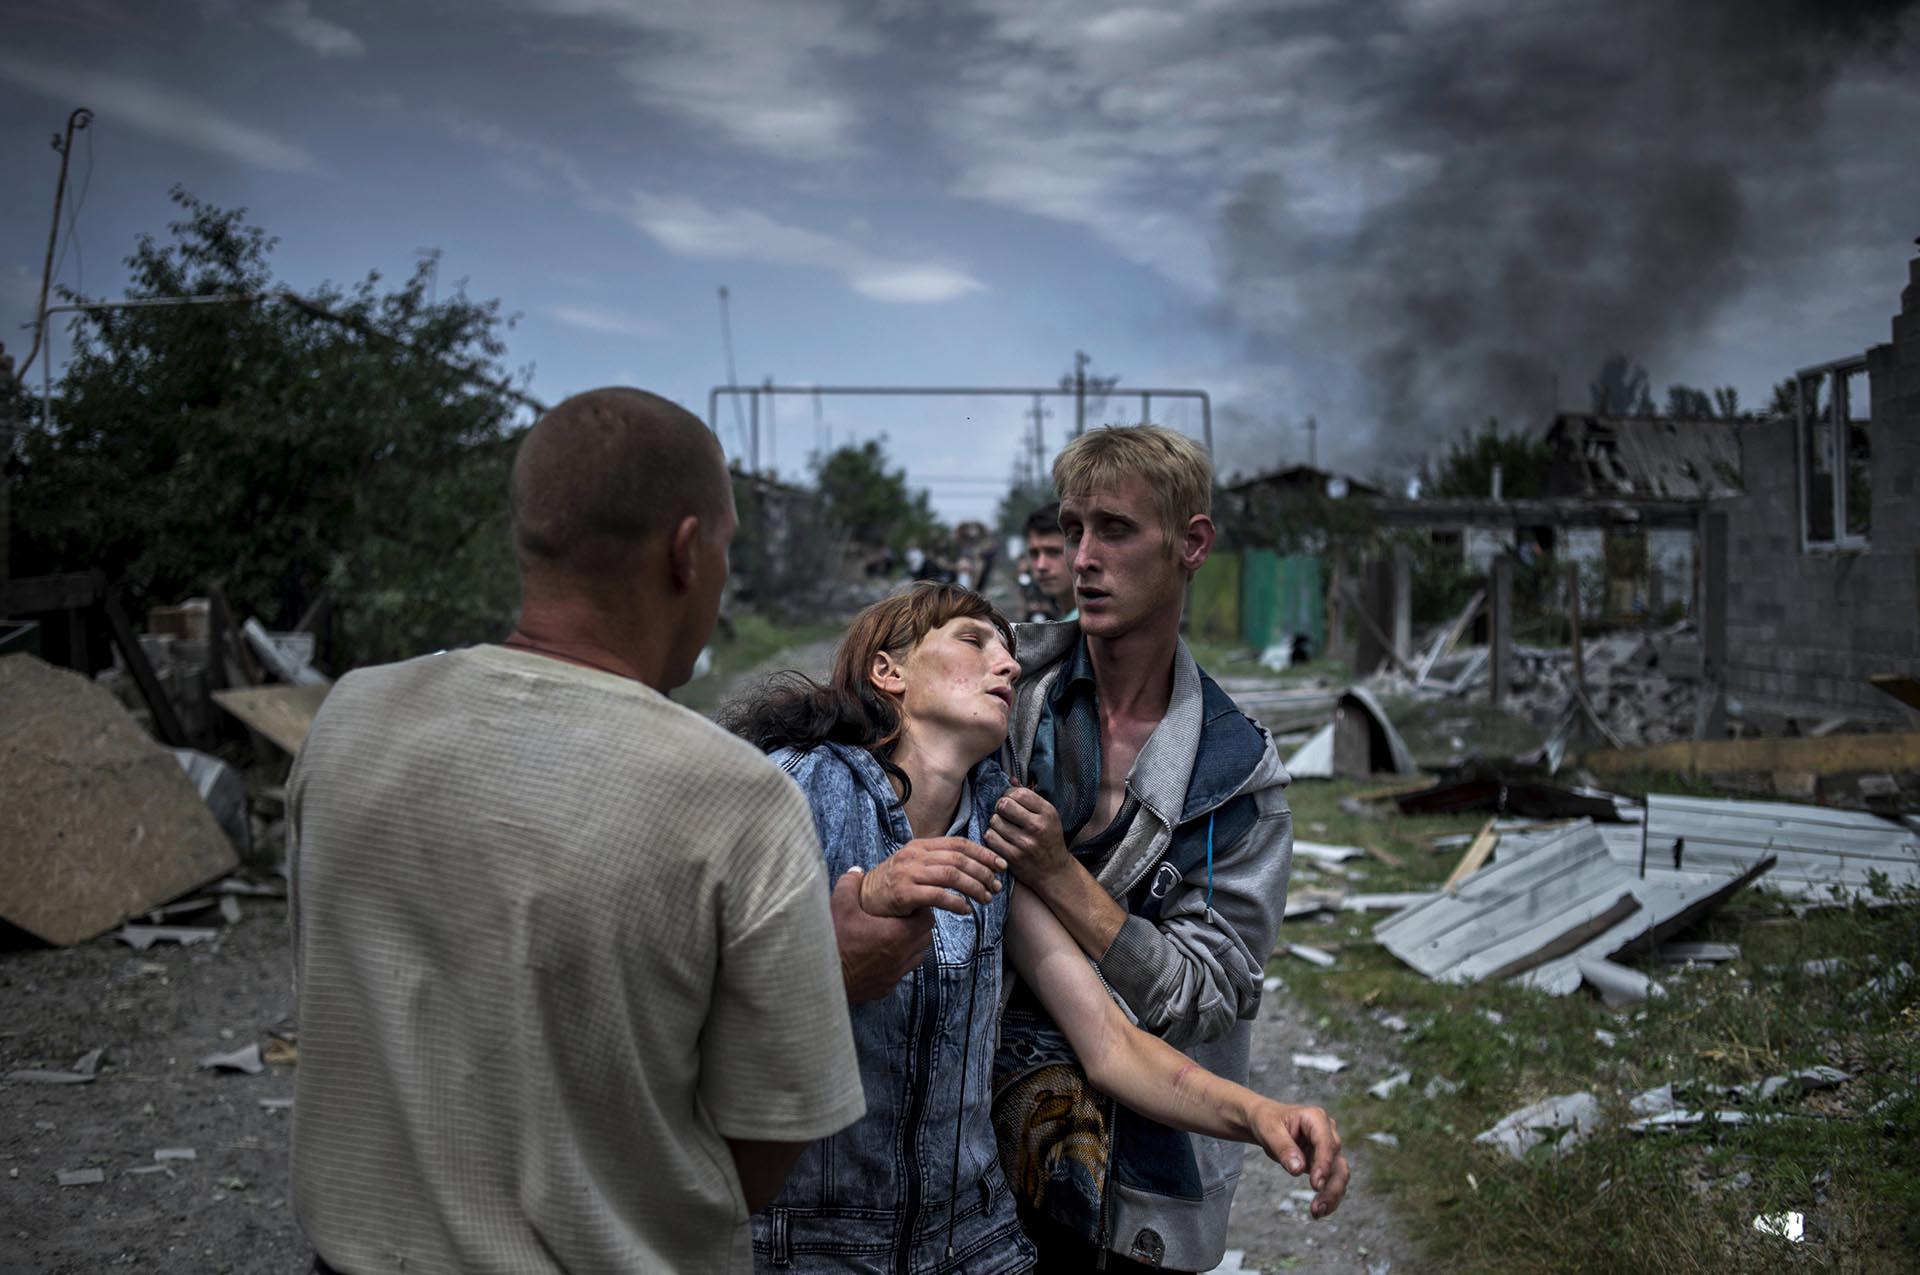 Proyectos a Largo Plazo, primer premio. Gente de la ciudad deLuhanskaya luego de un ataque aéreo. Valery Melnikov, Rossiya Segodnya